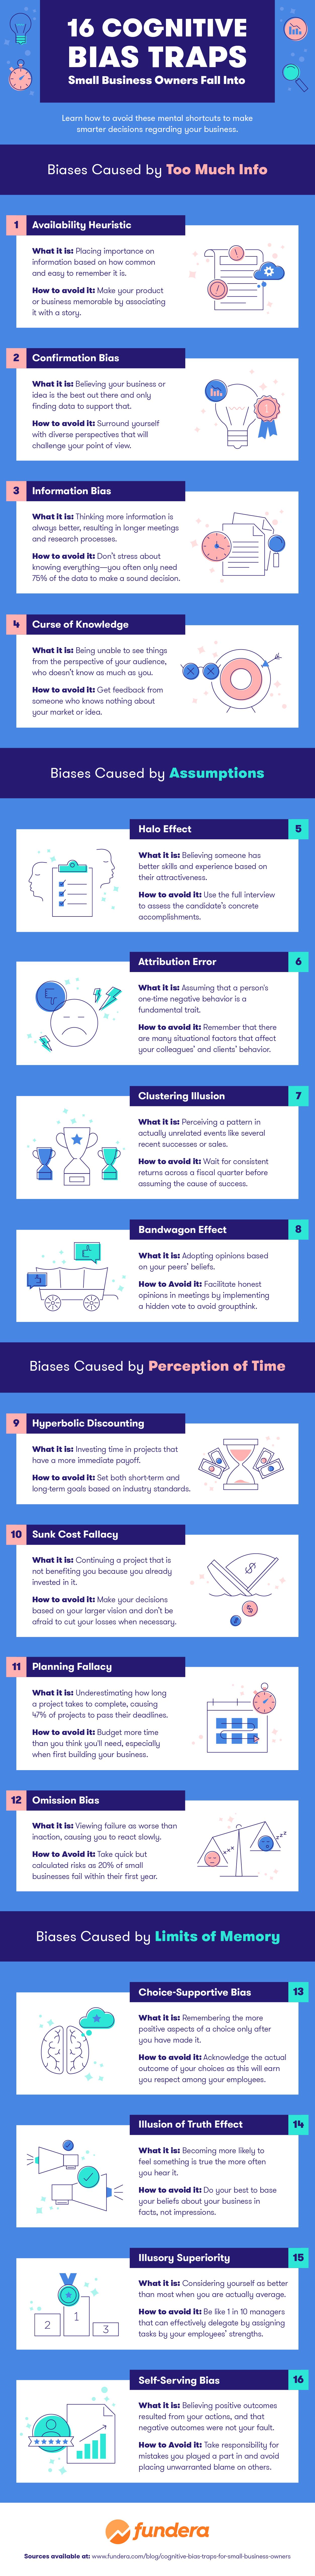 Cognitive Bias Traps